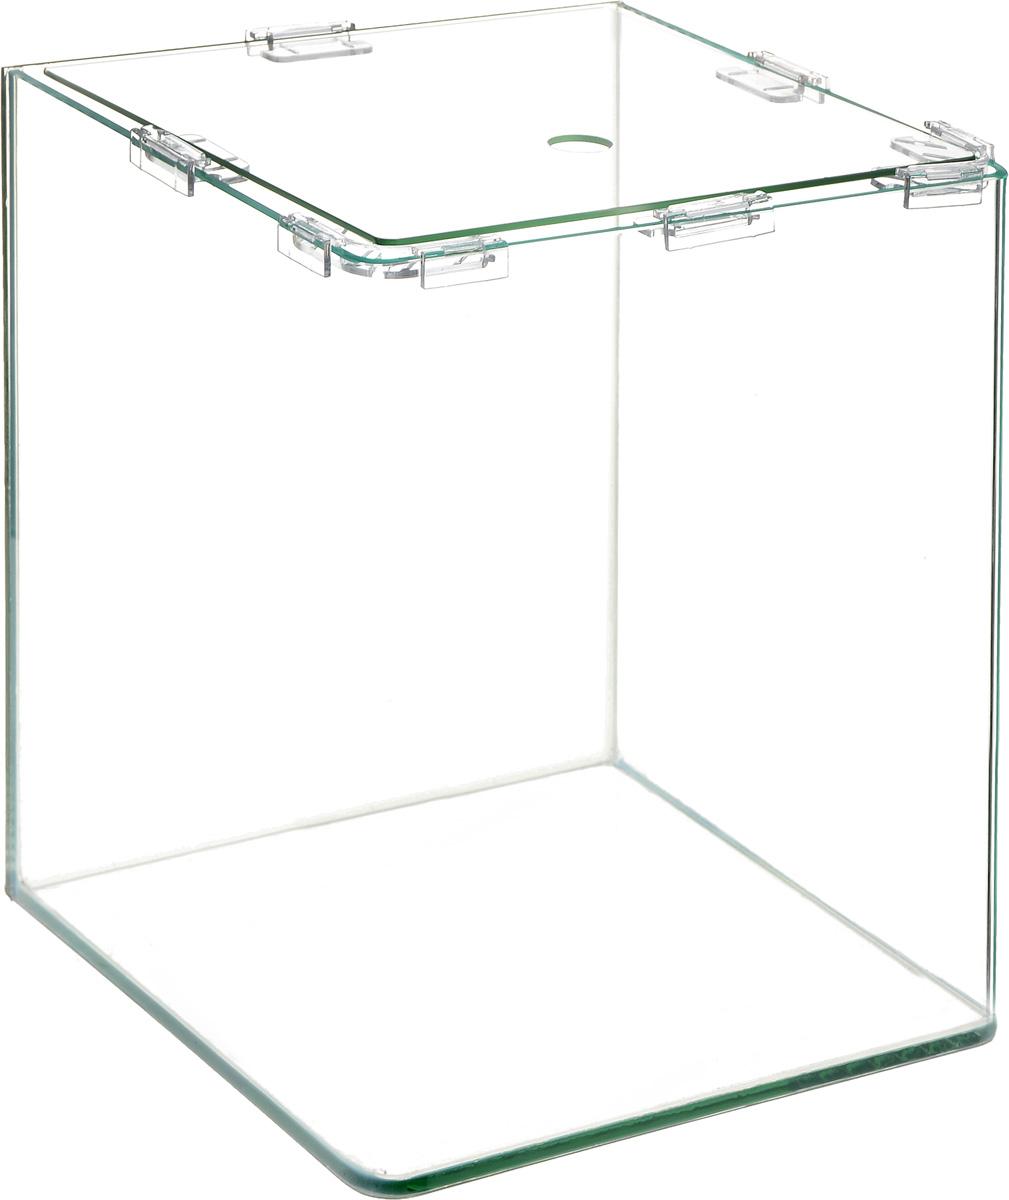 Аквариум Dennerle NanoCube, 20 лDEN5904Аквариум Dennerle NanoCube идеально подходит для содержания небольшого уголка природы в офисе, на столе, на кухне, в ванной комнате, прихожей или гостиной. Аквариум изготовлен из высококачественного стекла, передние углы бесшовные и оснащен покровной крышкой. В комплект входят черная пленка для задней стенки и пластиковые подкладки.